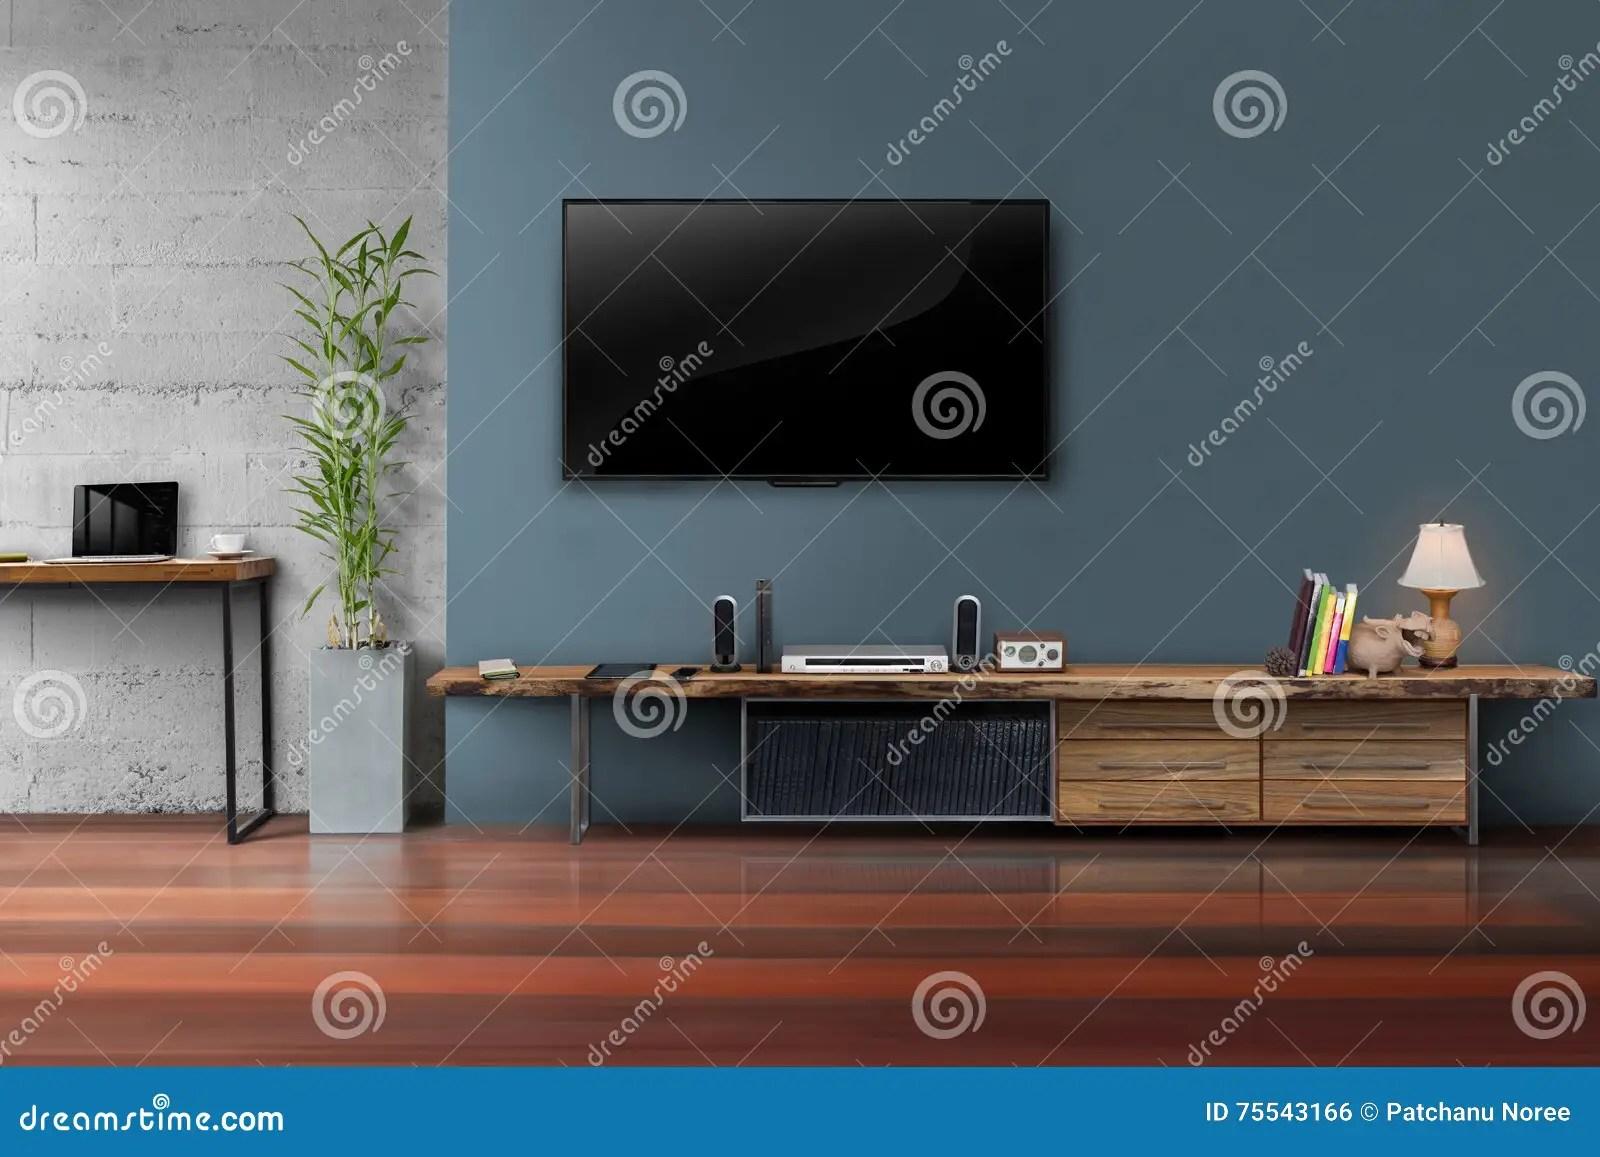 Woonkamer Geleide TV Op Donkerblauwe Muur Met Houten Lijst